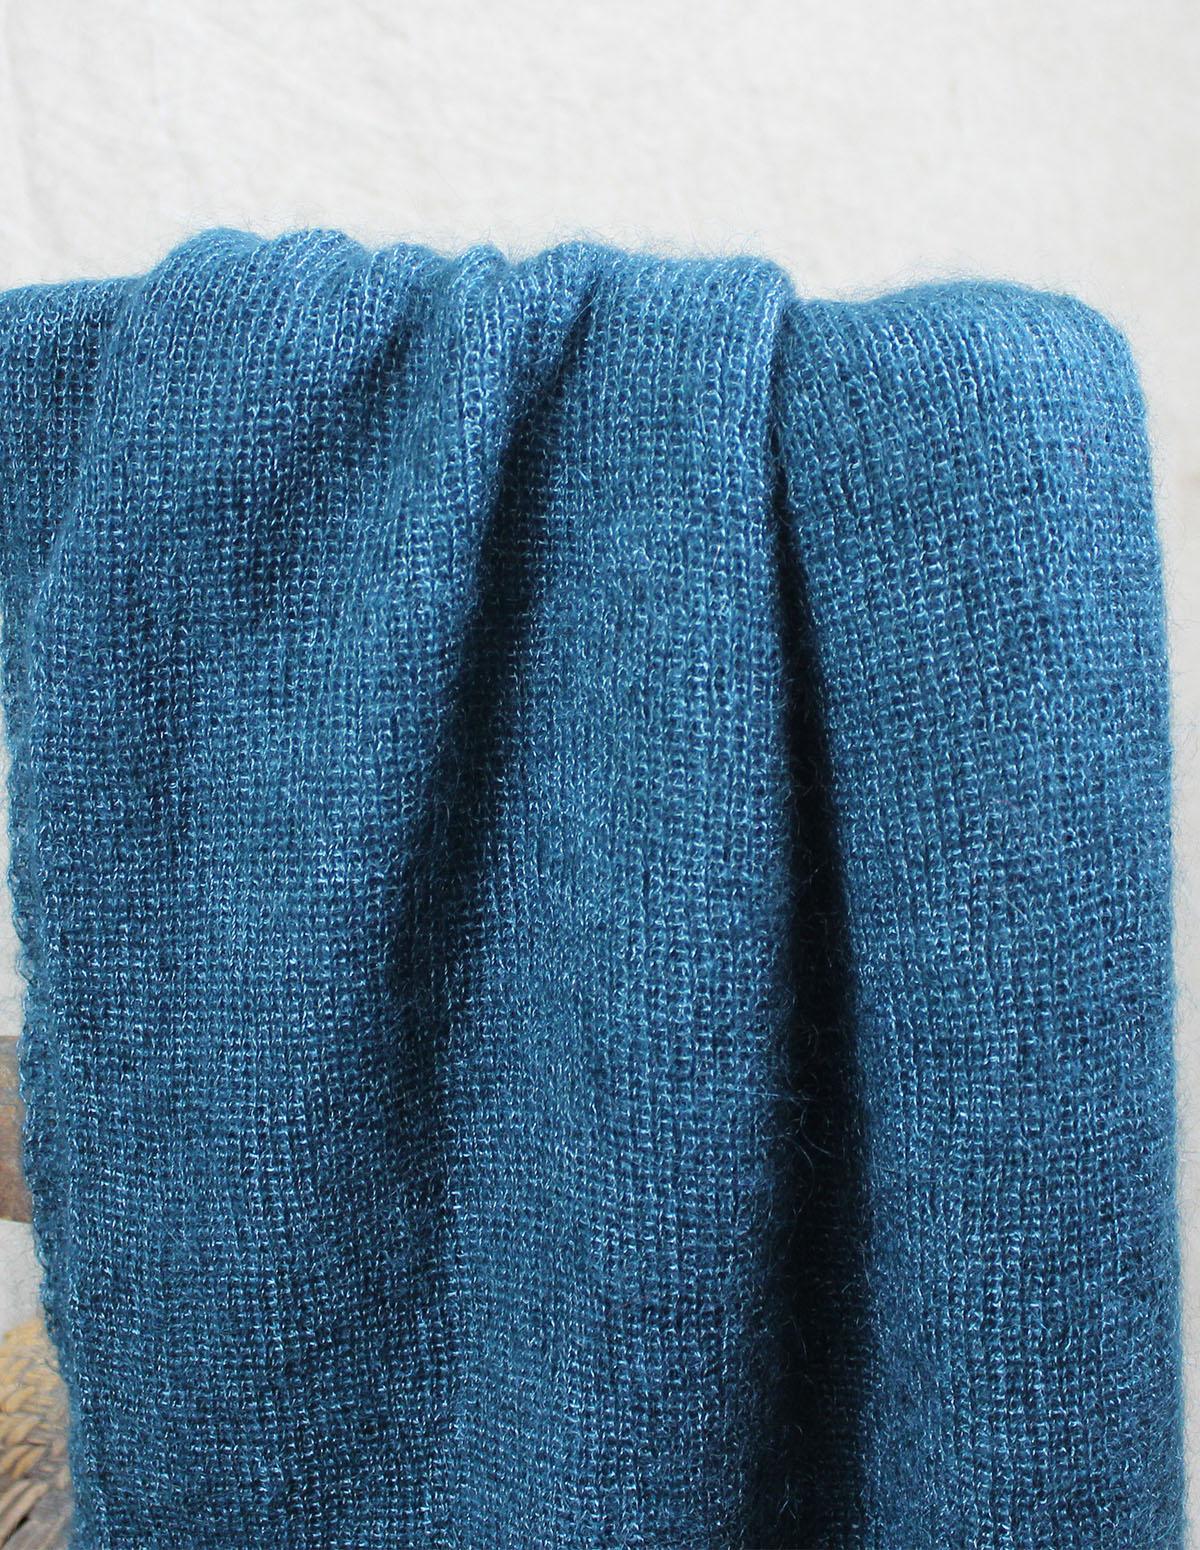 echarpes-tricotees-cote-mohair-soie-bleu-paon-une-ferme-a-la-bassette